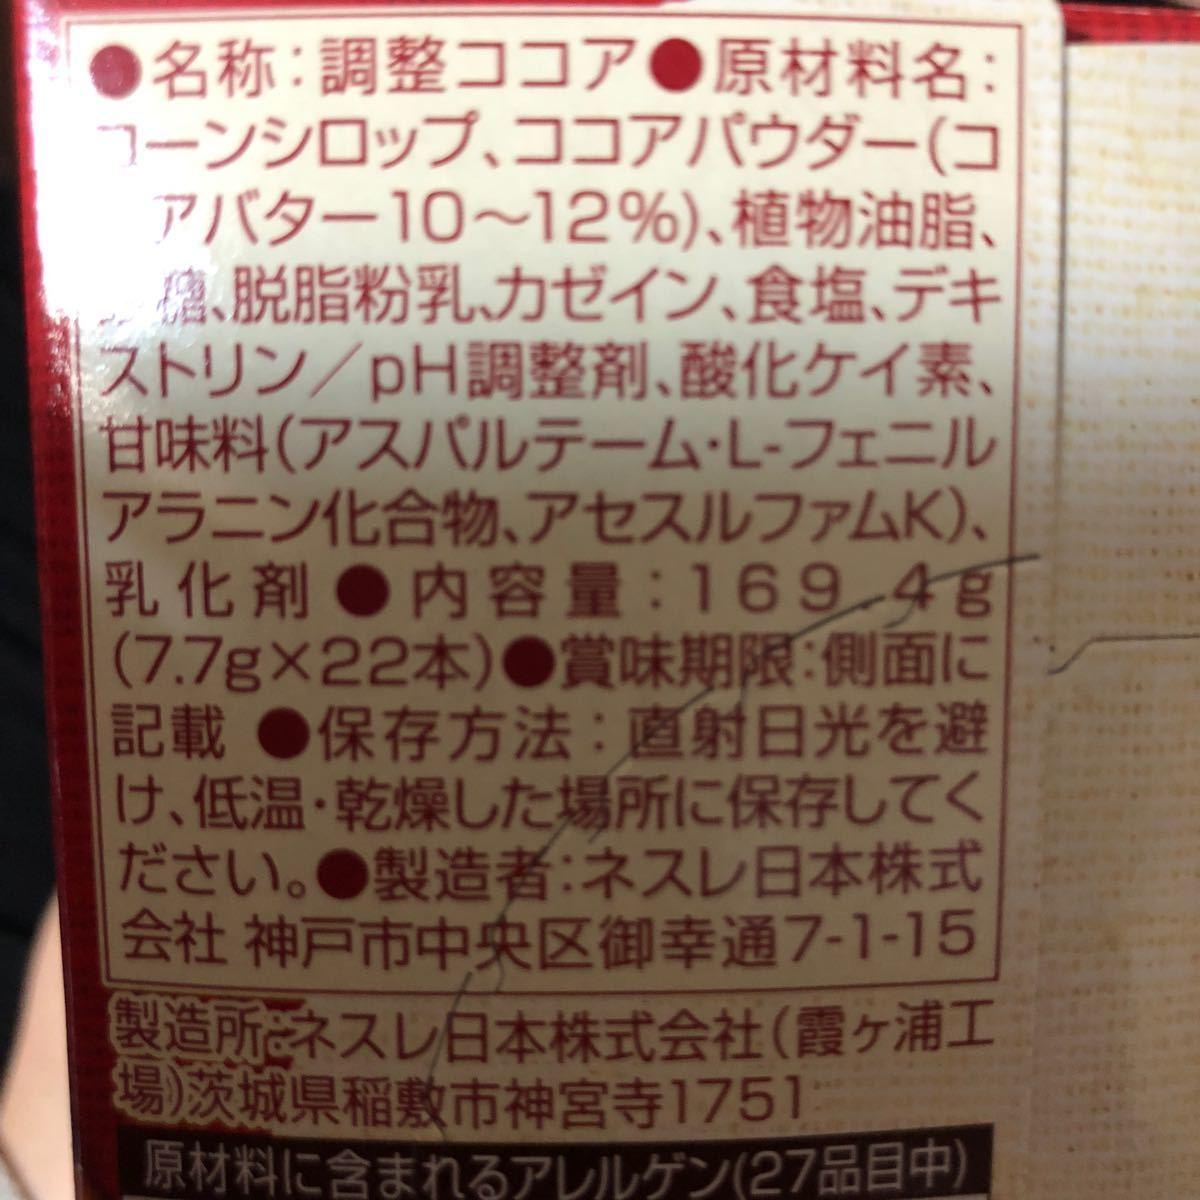 ネスカフェふわラテコーヒー3種類&ココア&ミックスコーヒー60本セット